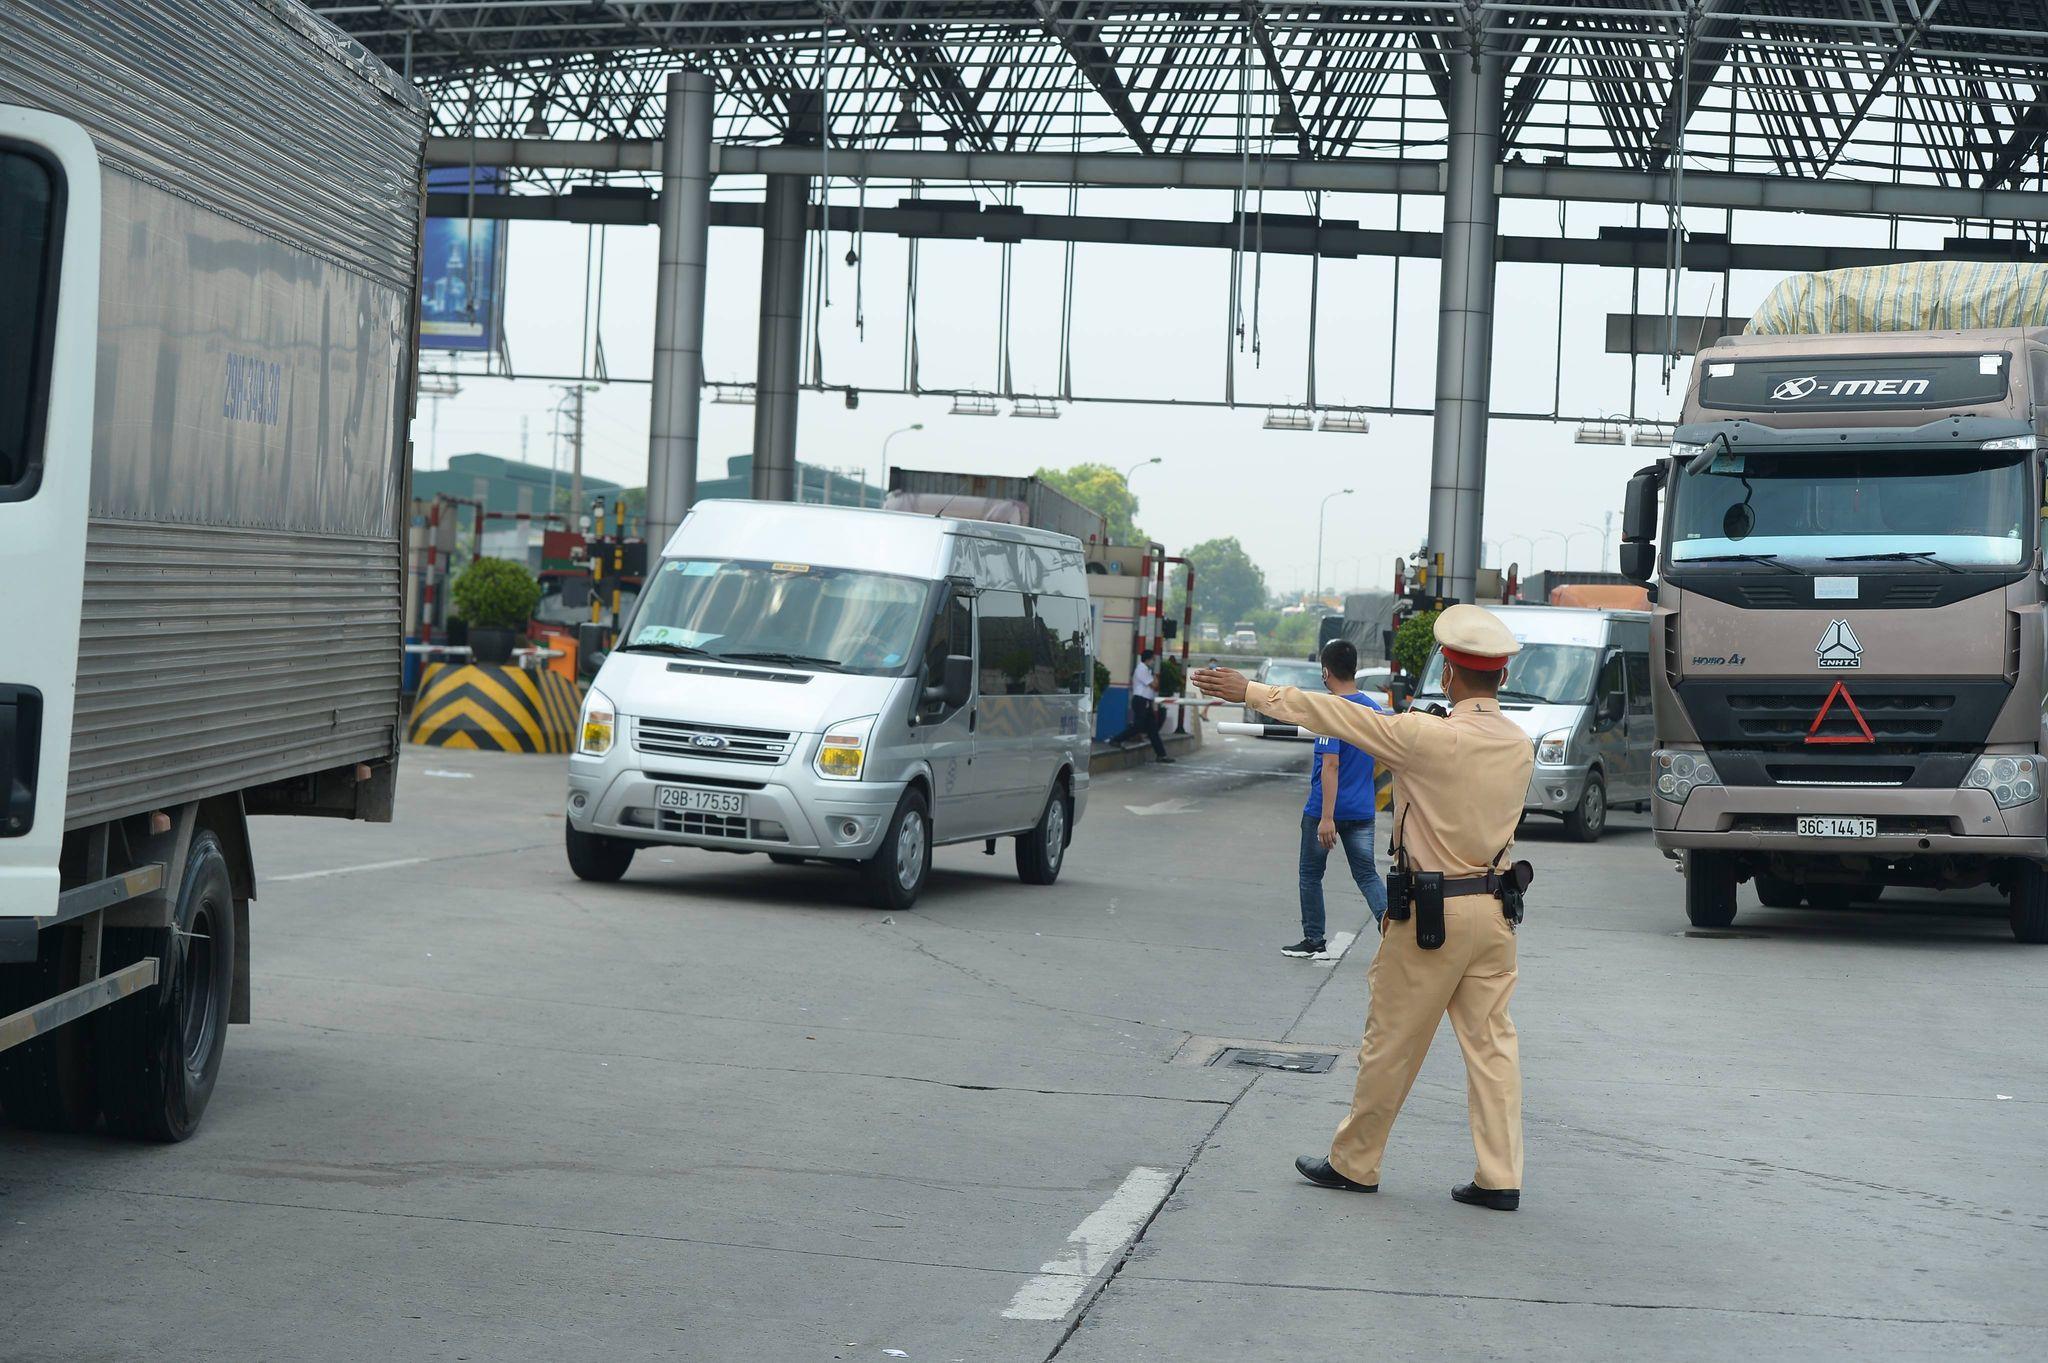 Ùn tắc hàng km ở chốt kiểm dịch cao tốc Pháp Vân - Cầu Giẽ - 4